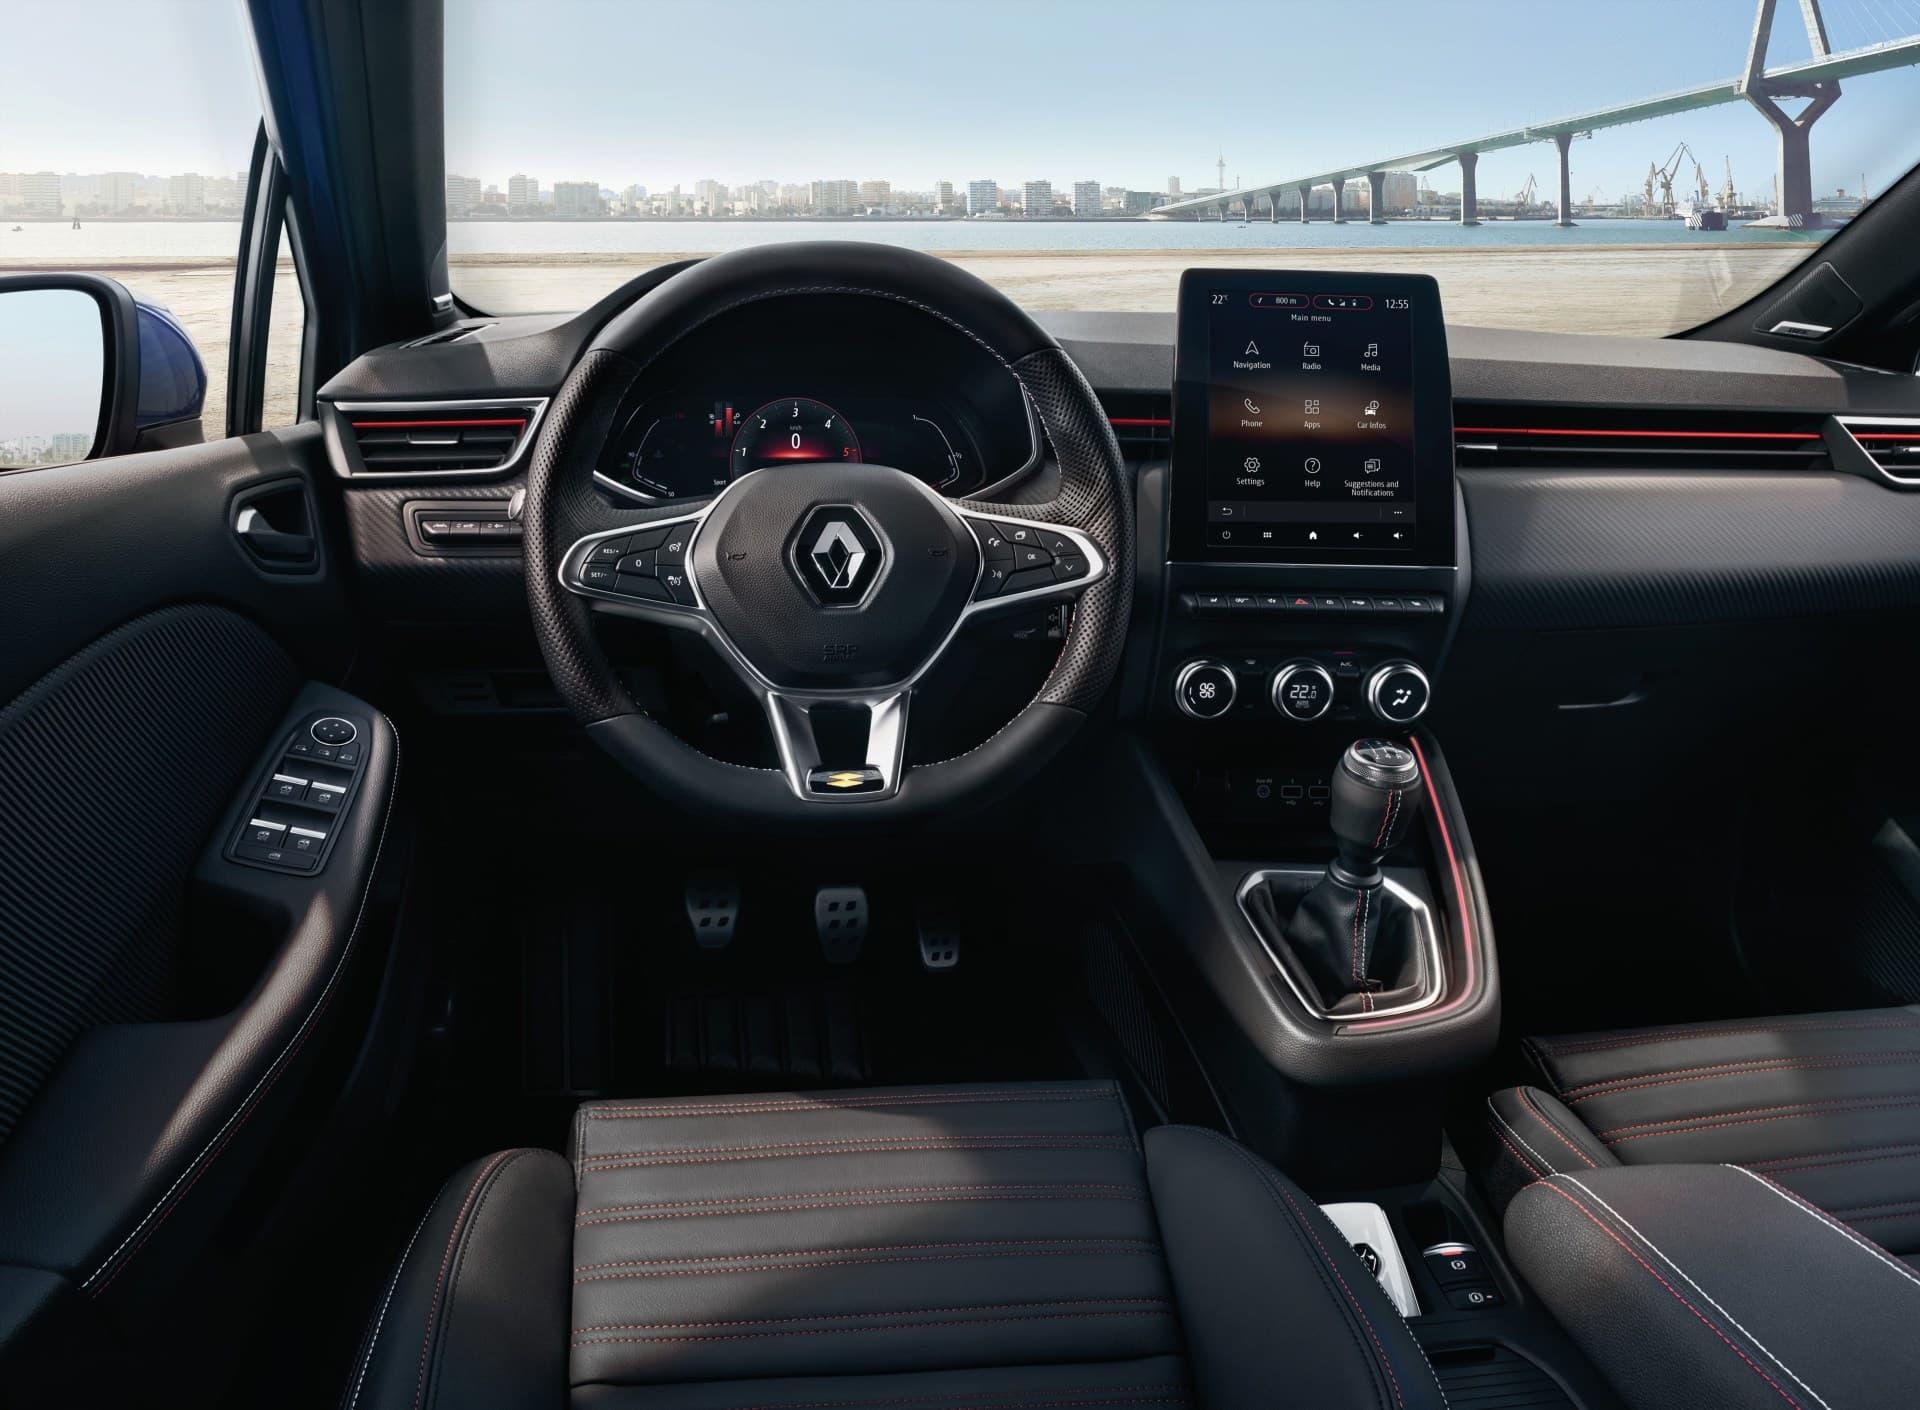 2019 Nouvelle Renault Clio